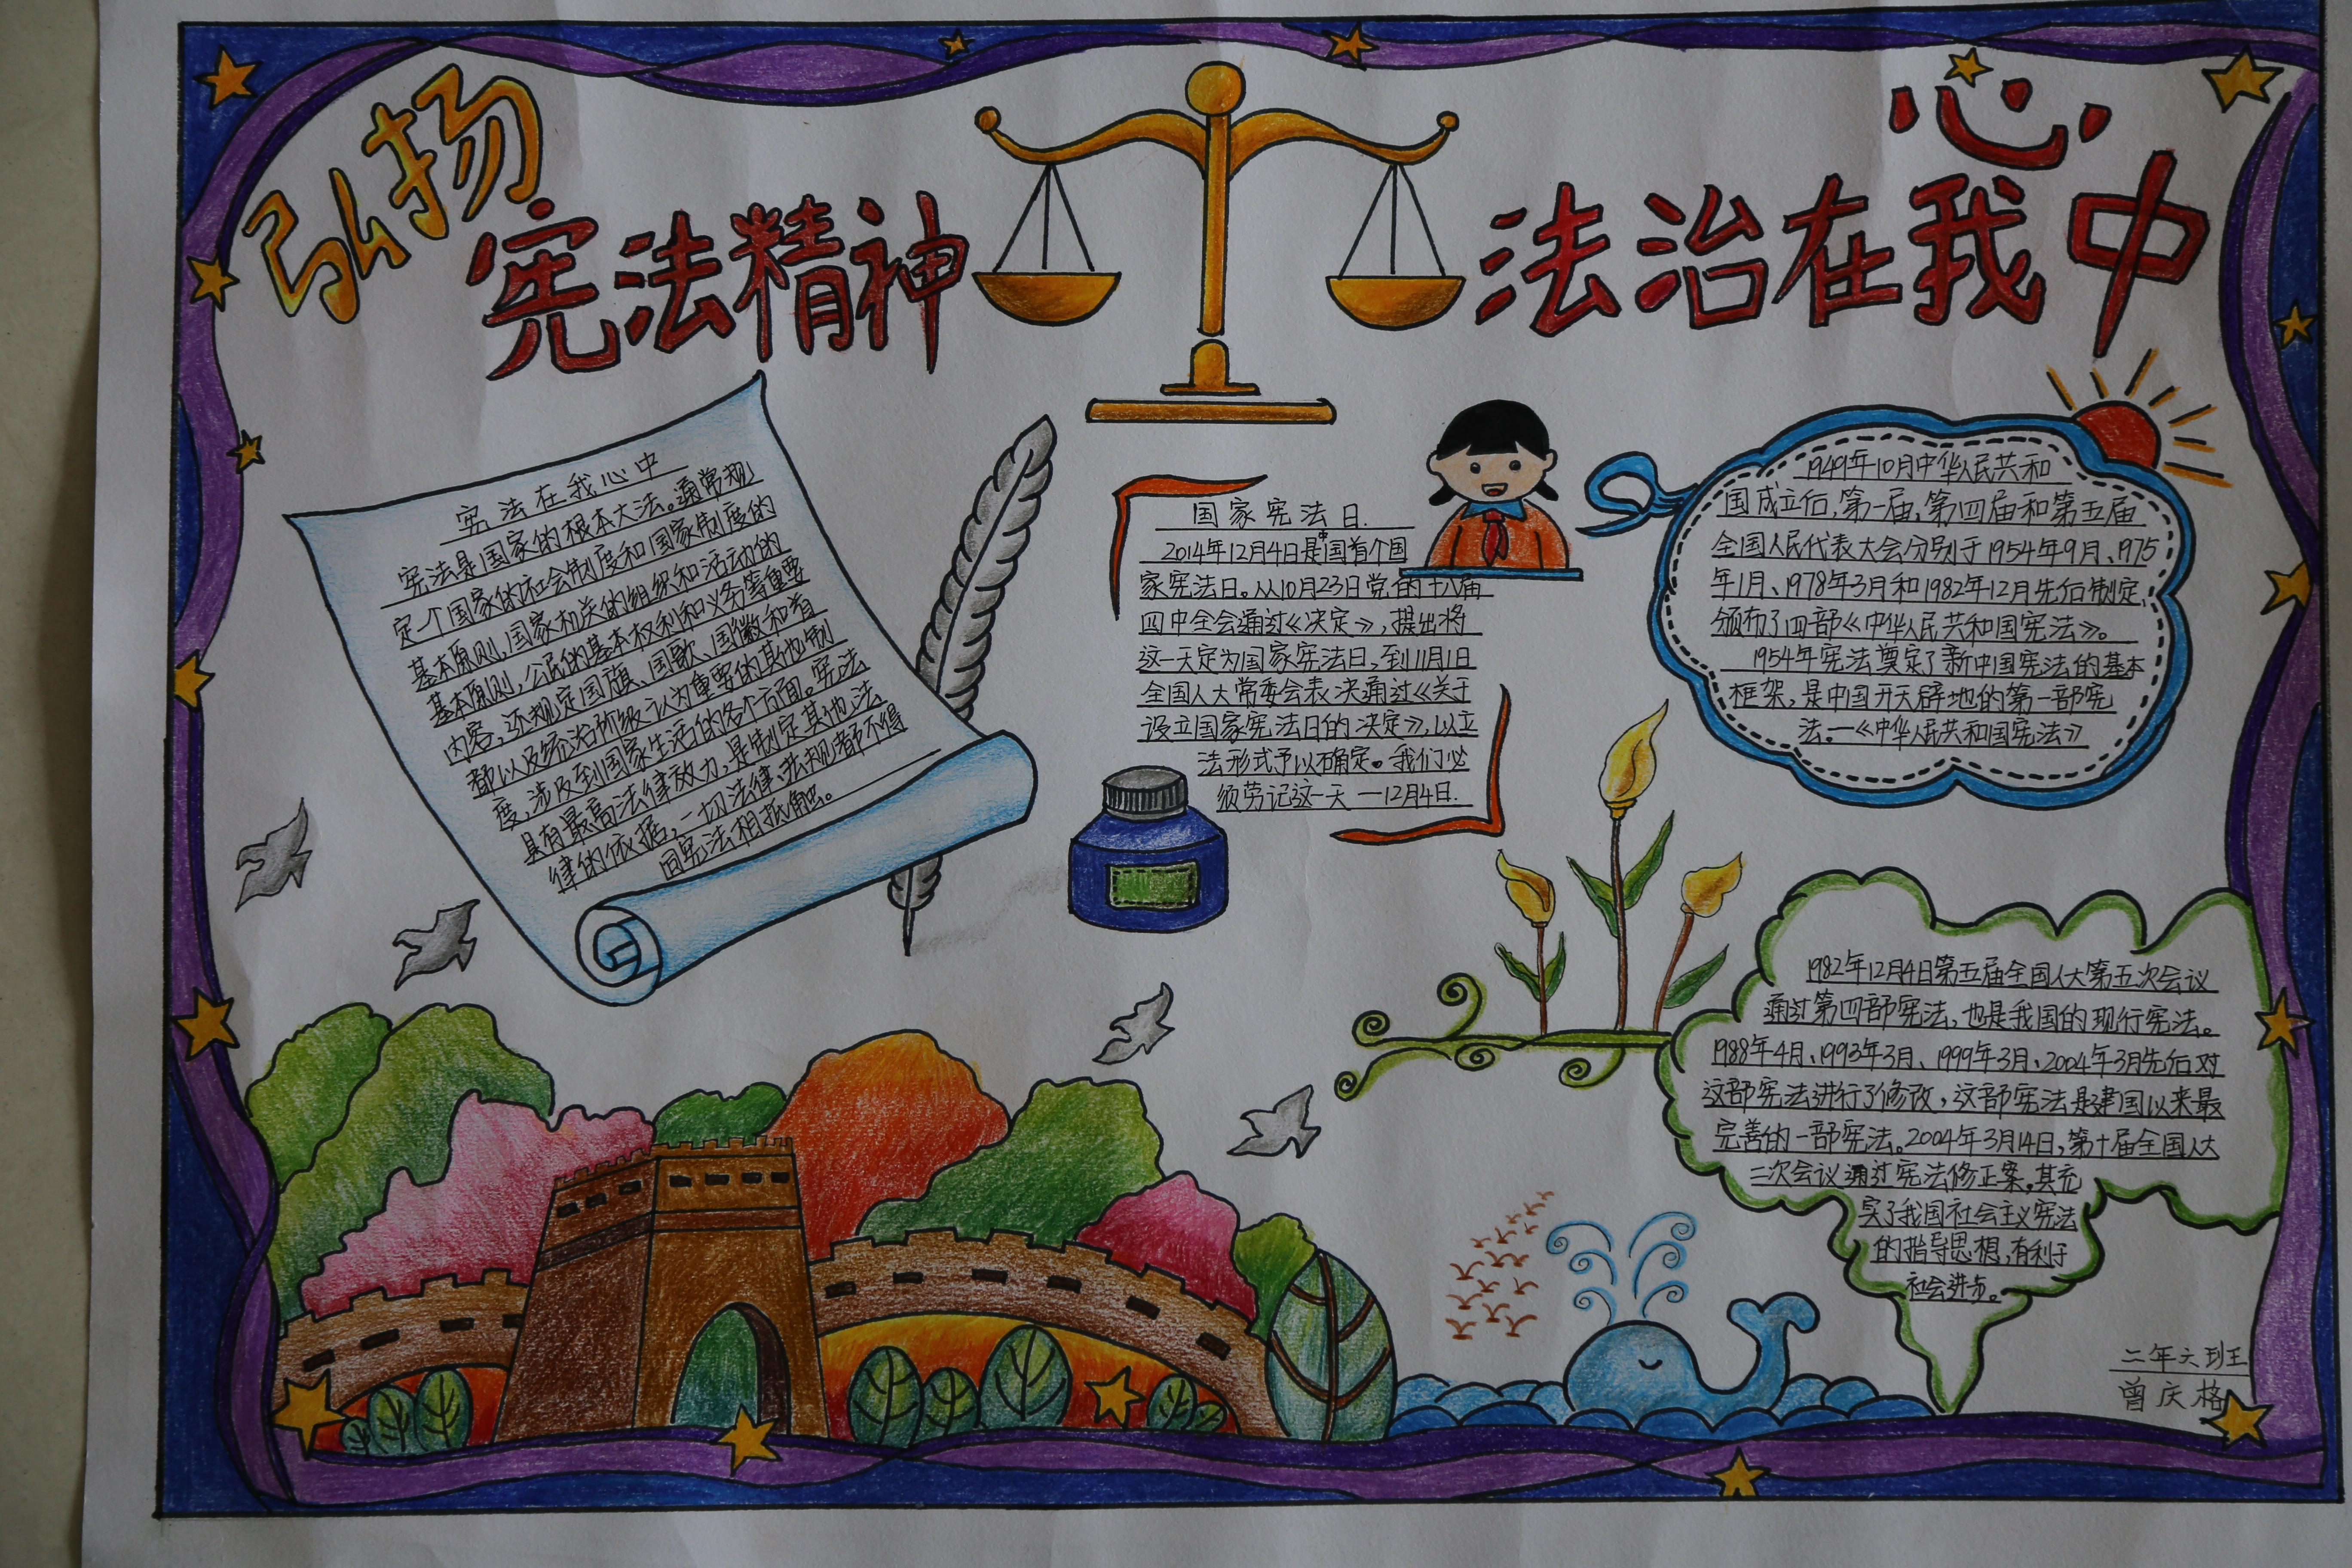 3,各班组织一次主题班会宣传教育活动,教育学生学法知法守法,做一